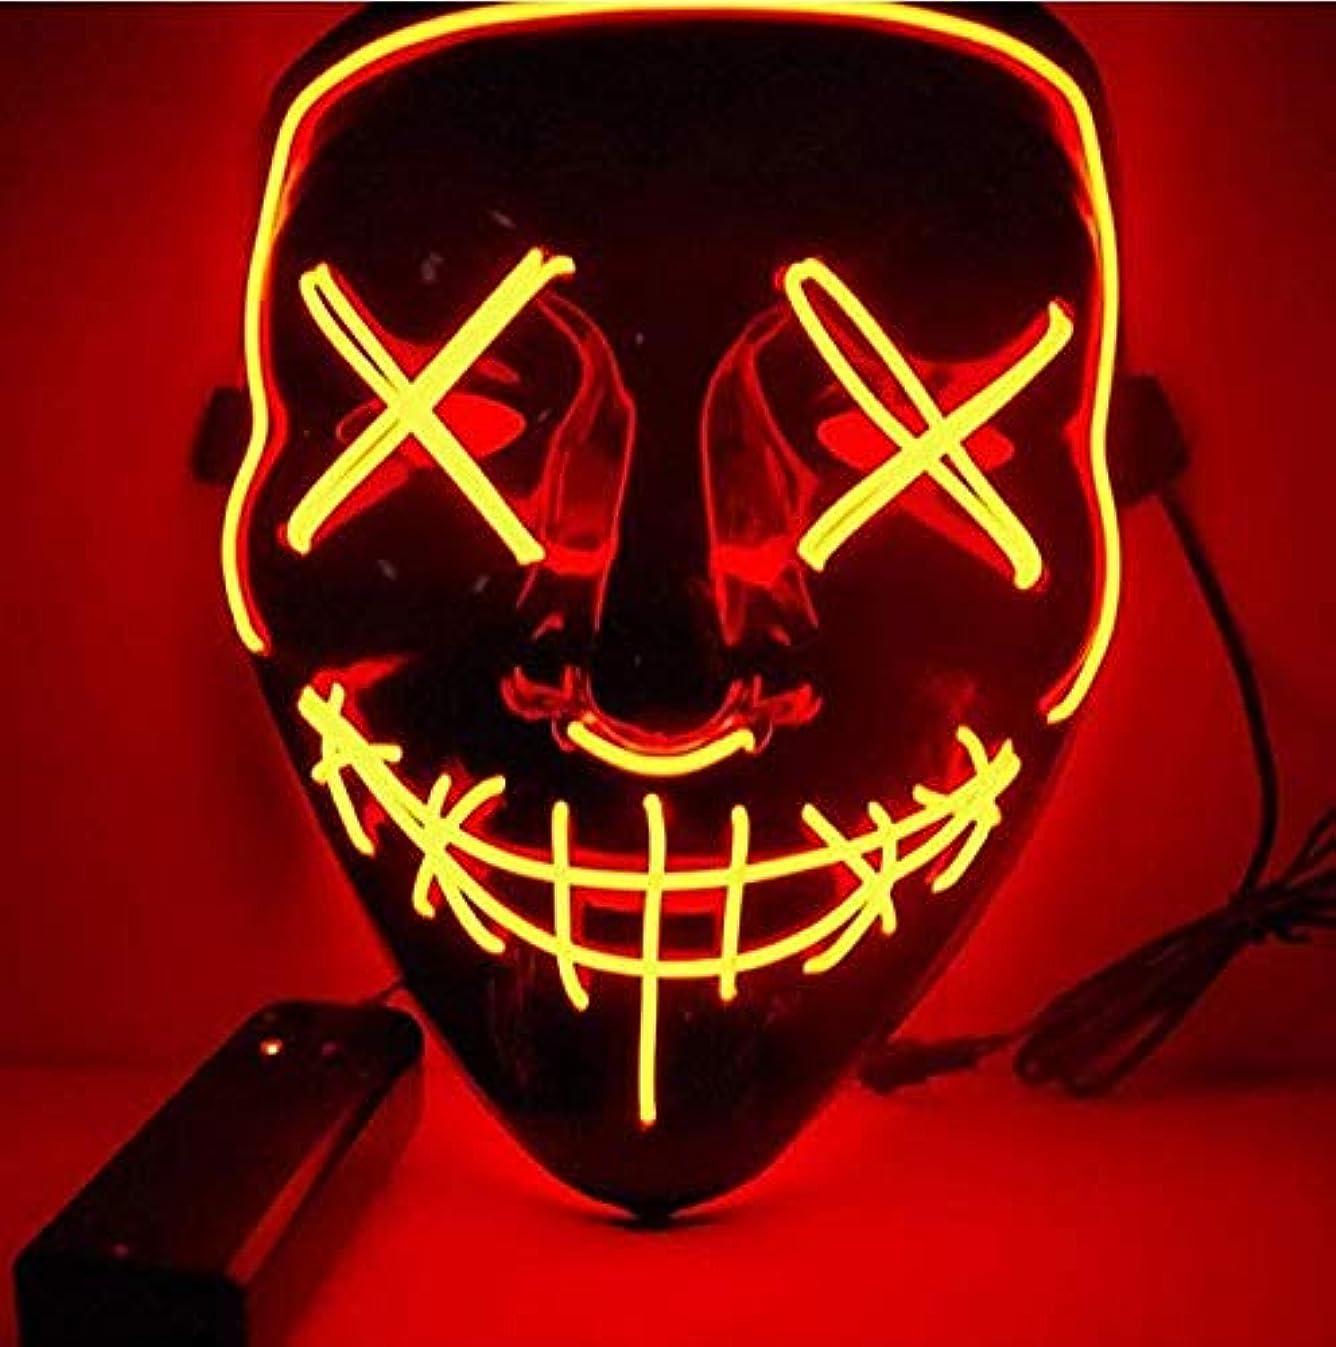 ライトニング小川トークハロウィンマスクLEDライトアップパーティーマスクコスプレコスチュームサプライ暗闇で光る (Color : ROSE RED)